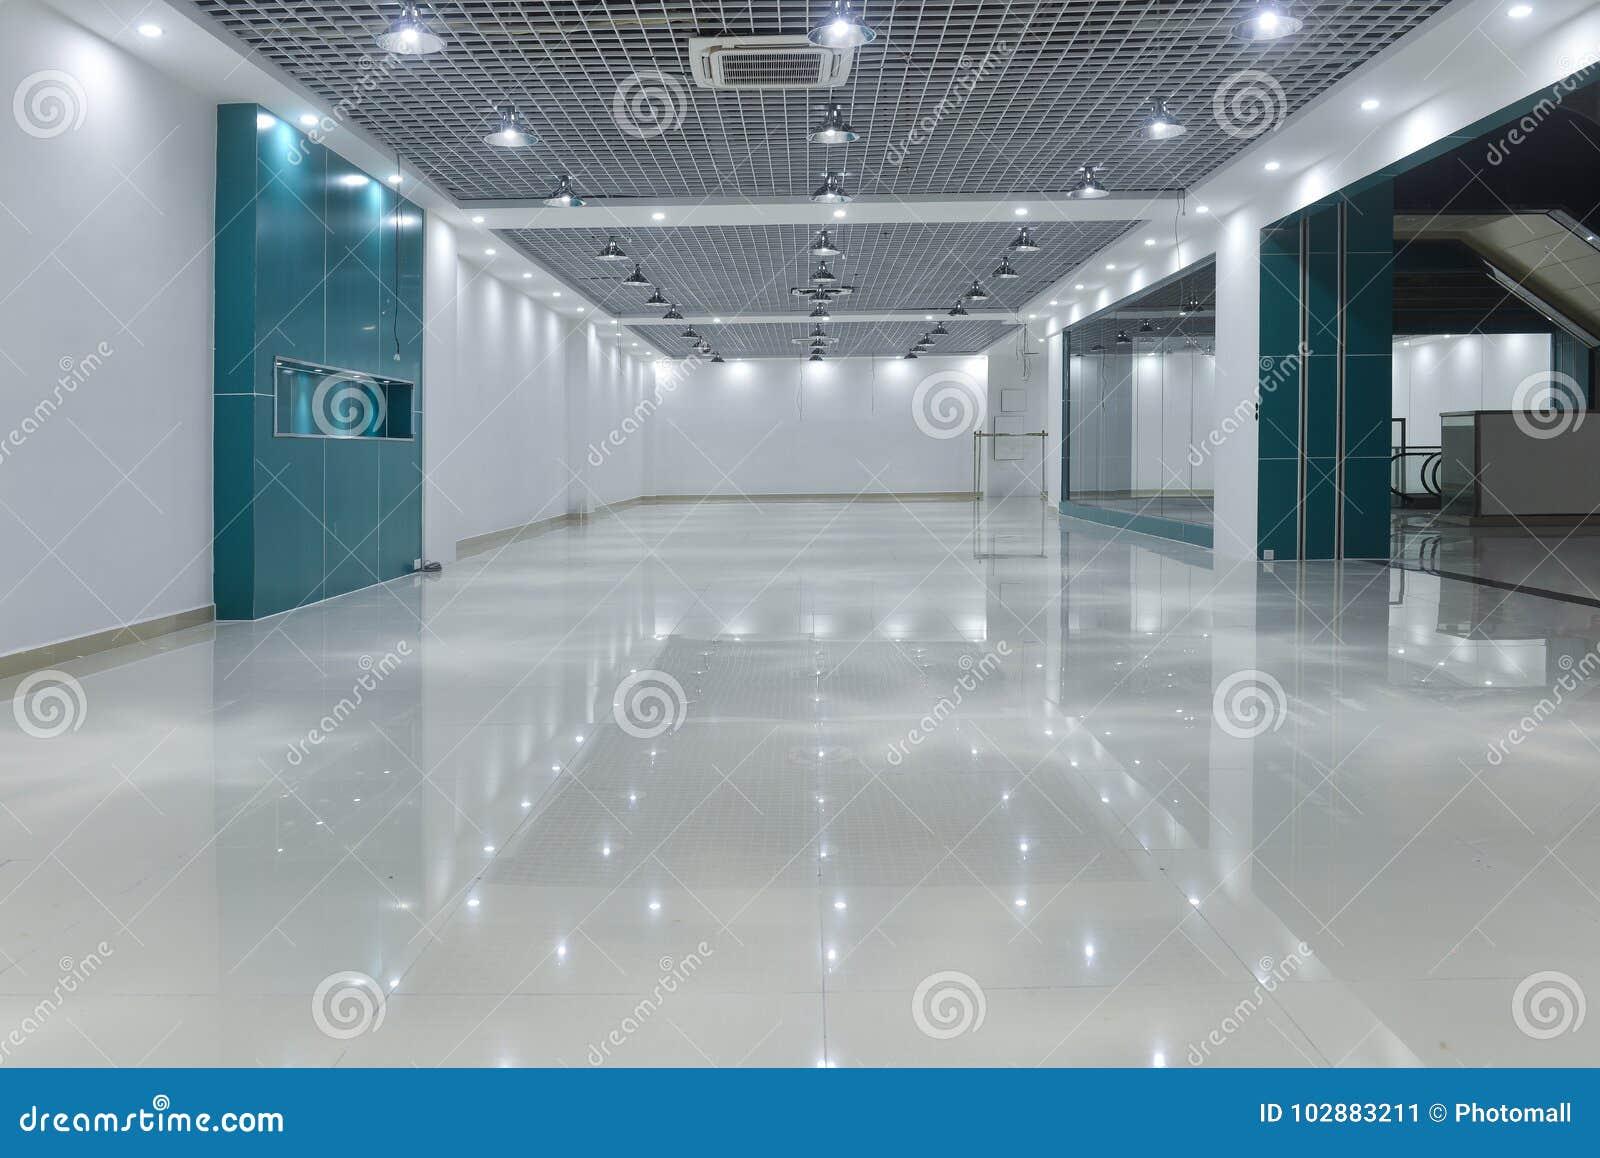 κενό δωμάτιο στο σύγχρονο εμπορικό κτήριο